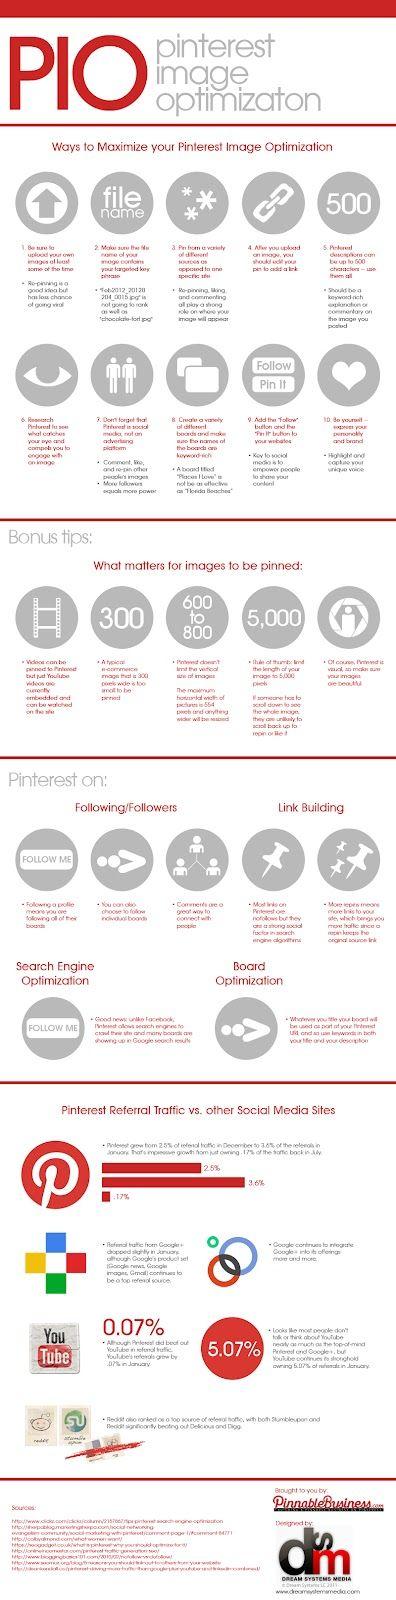 Consejos y Trucos para Pinterest.  Pinterest ha sido una de las más calientes nuevas redes sociales en el radar Web desde hace unos meses. De hecho, Pinterest ha agrietado la lista actual de las 10 redes sociales de diez, y técnicamente está todavía en la fase de sólo invitar.